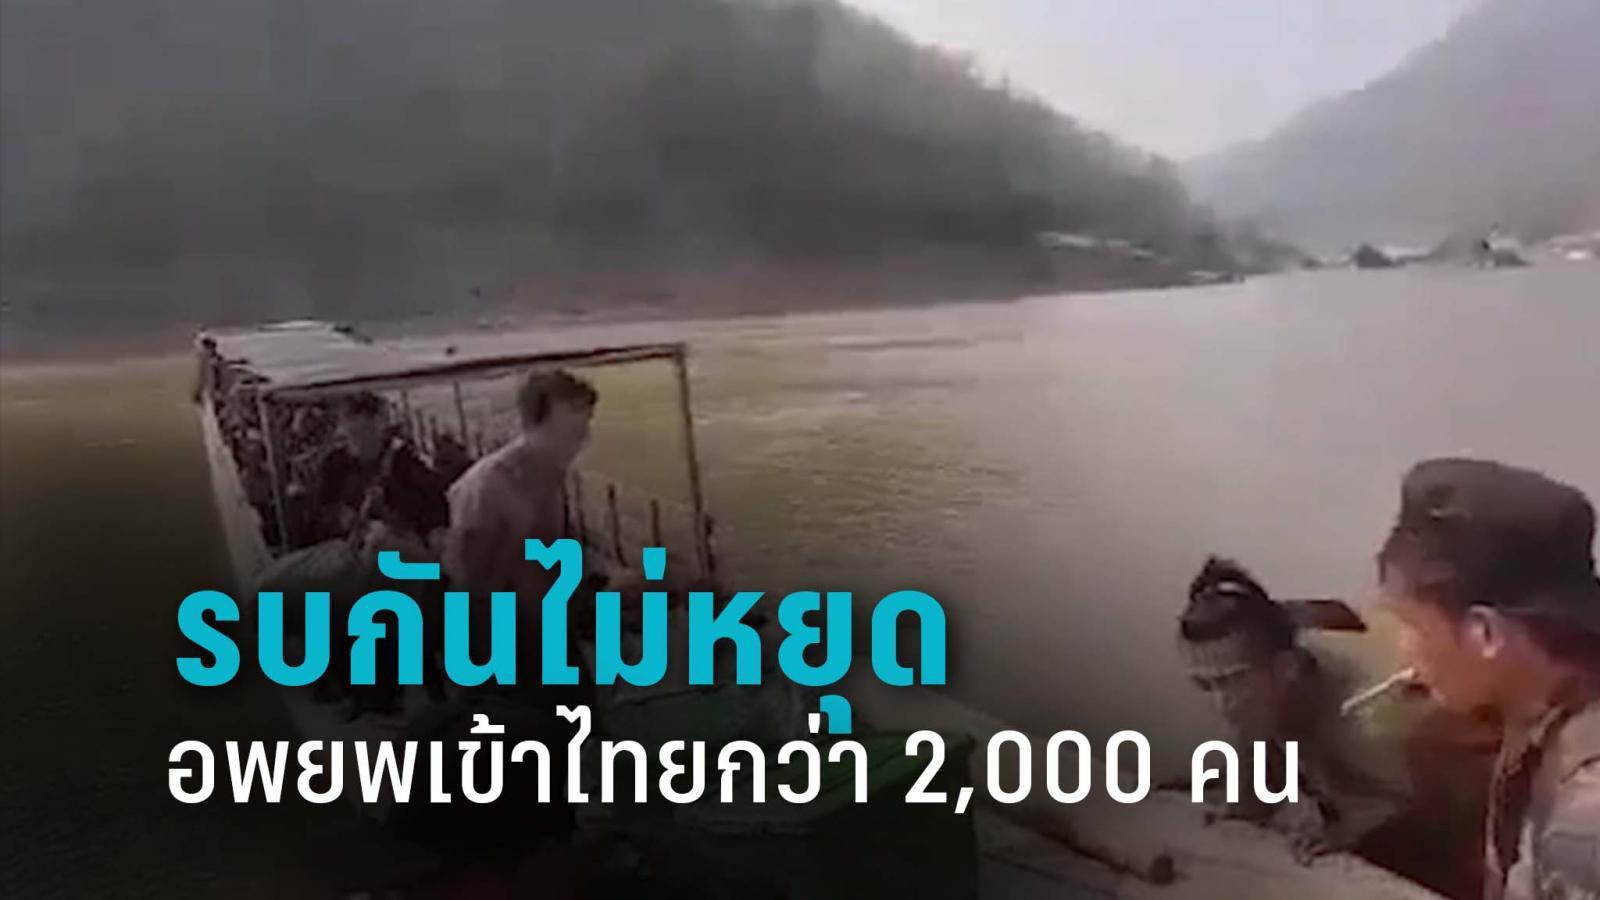 KNU กับทหารเมียนมา ยังสู้รบไม่หยุด อพยพเข้าไทยแล้วกว่า 2,000 คน